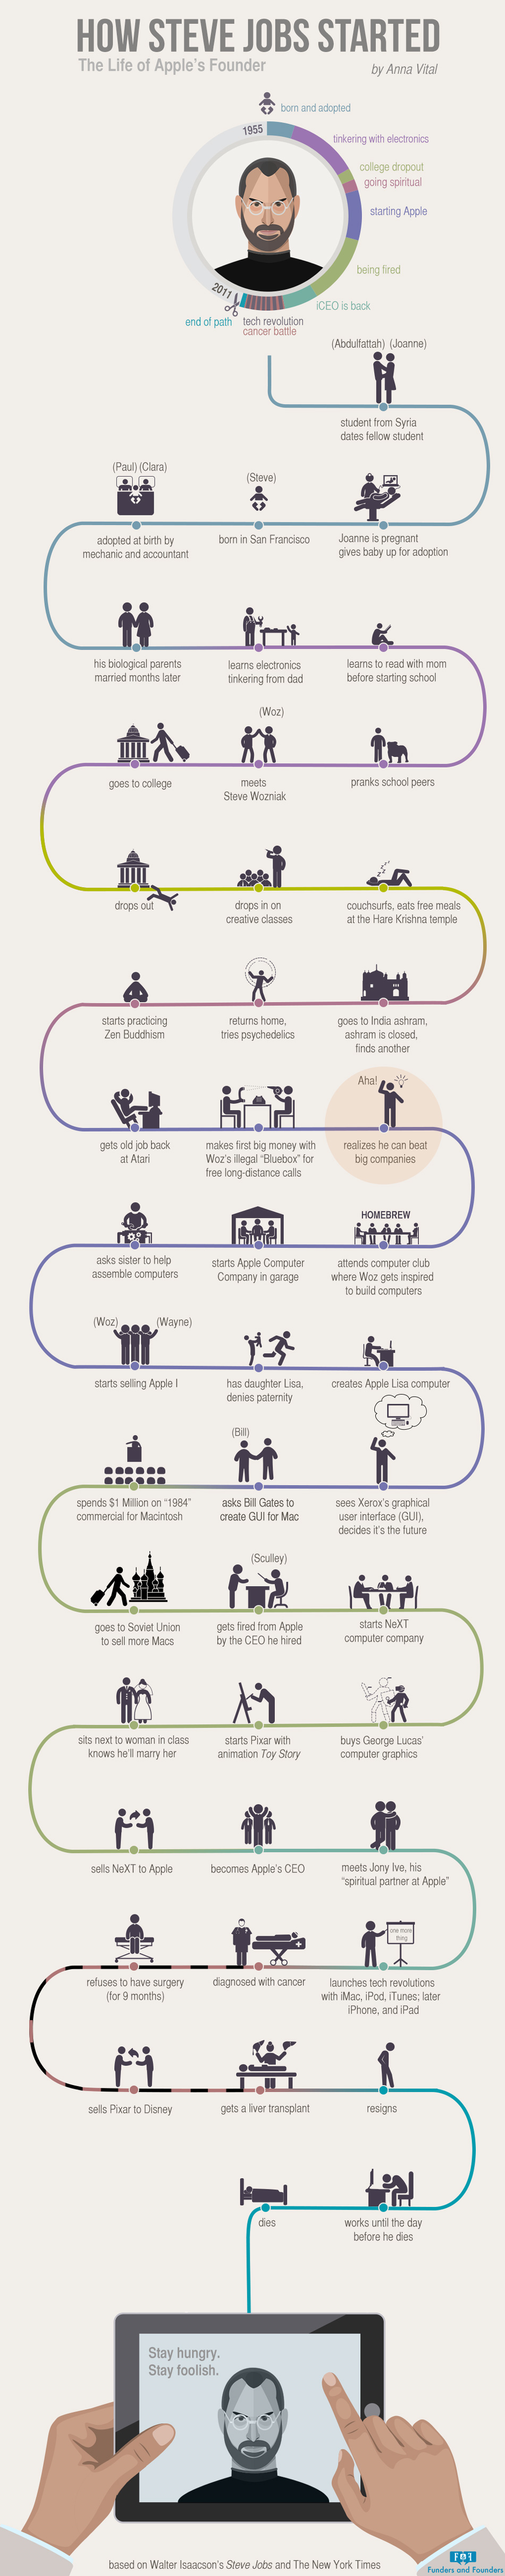 How Steve Jobs Started